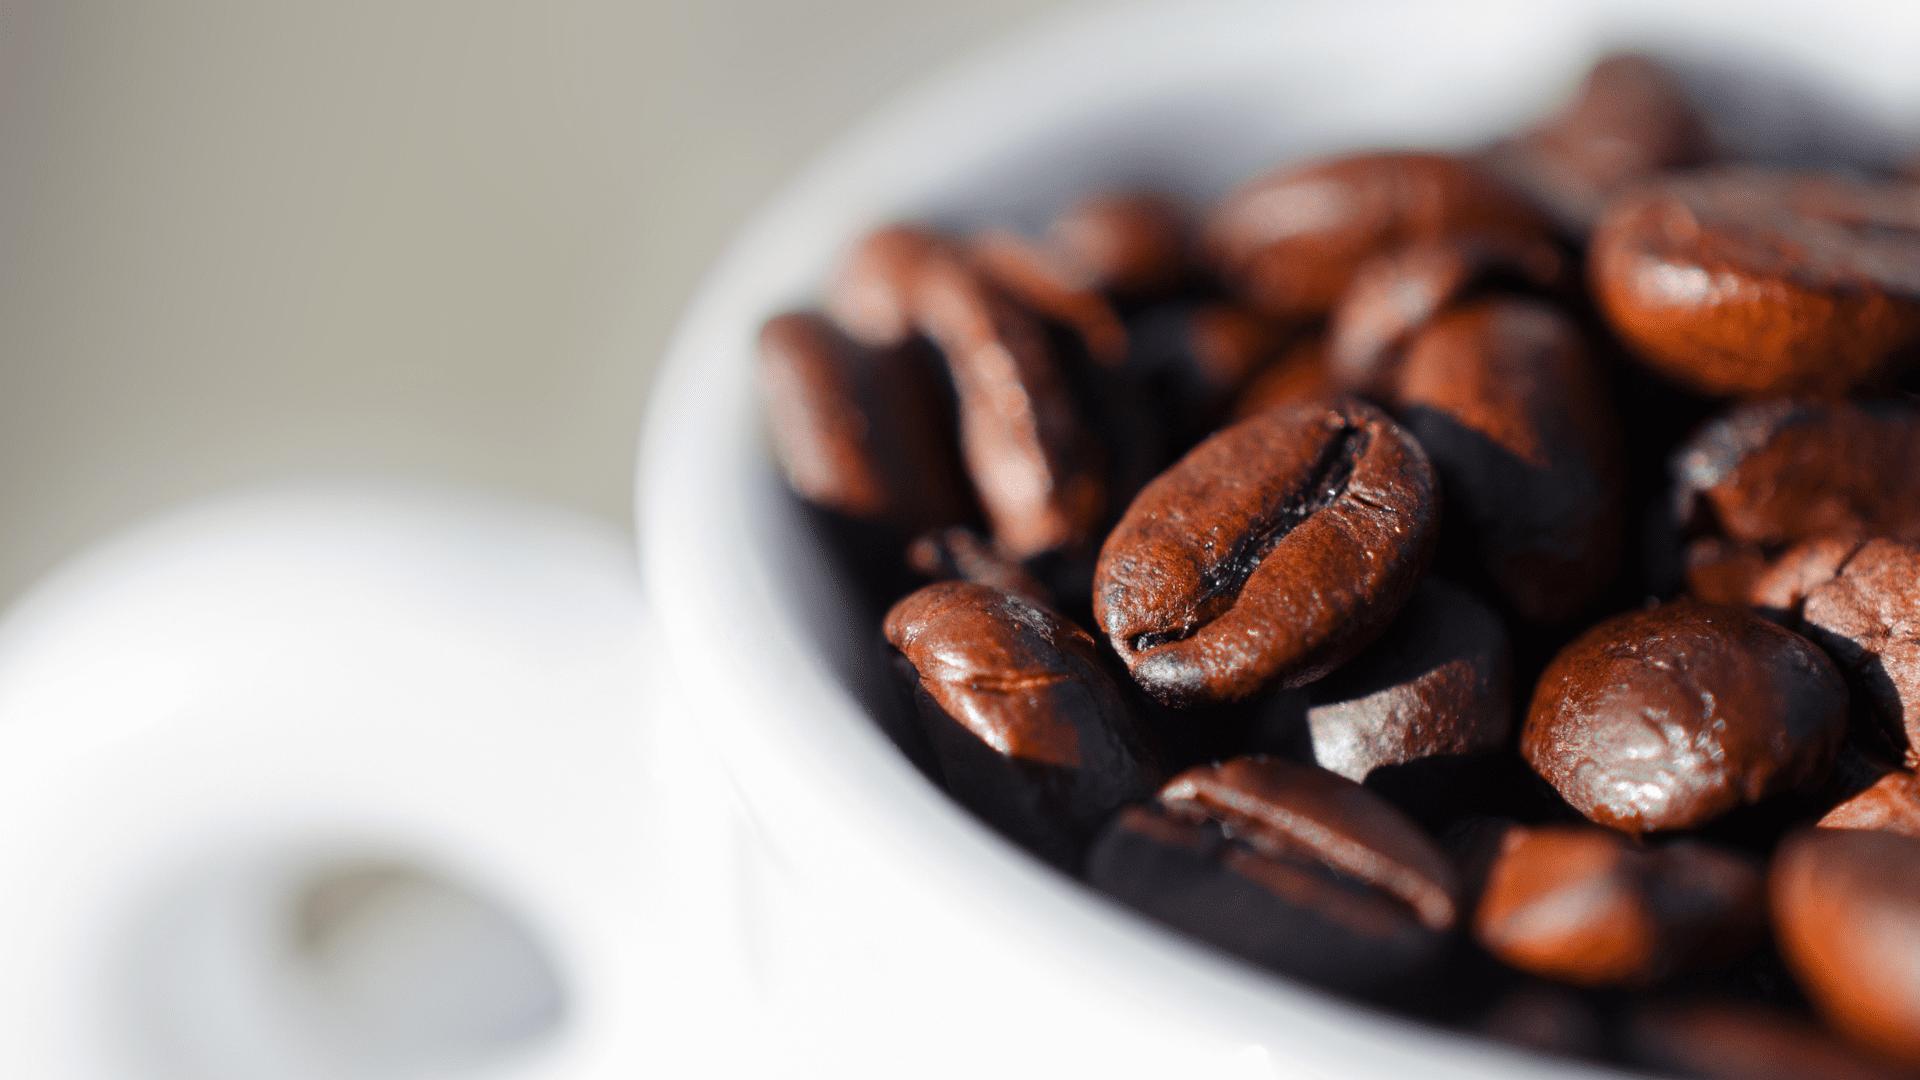 Koffiezetten is een kunst geworden